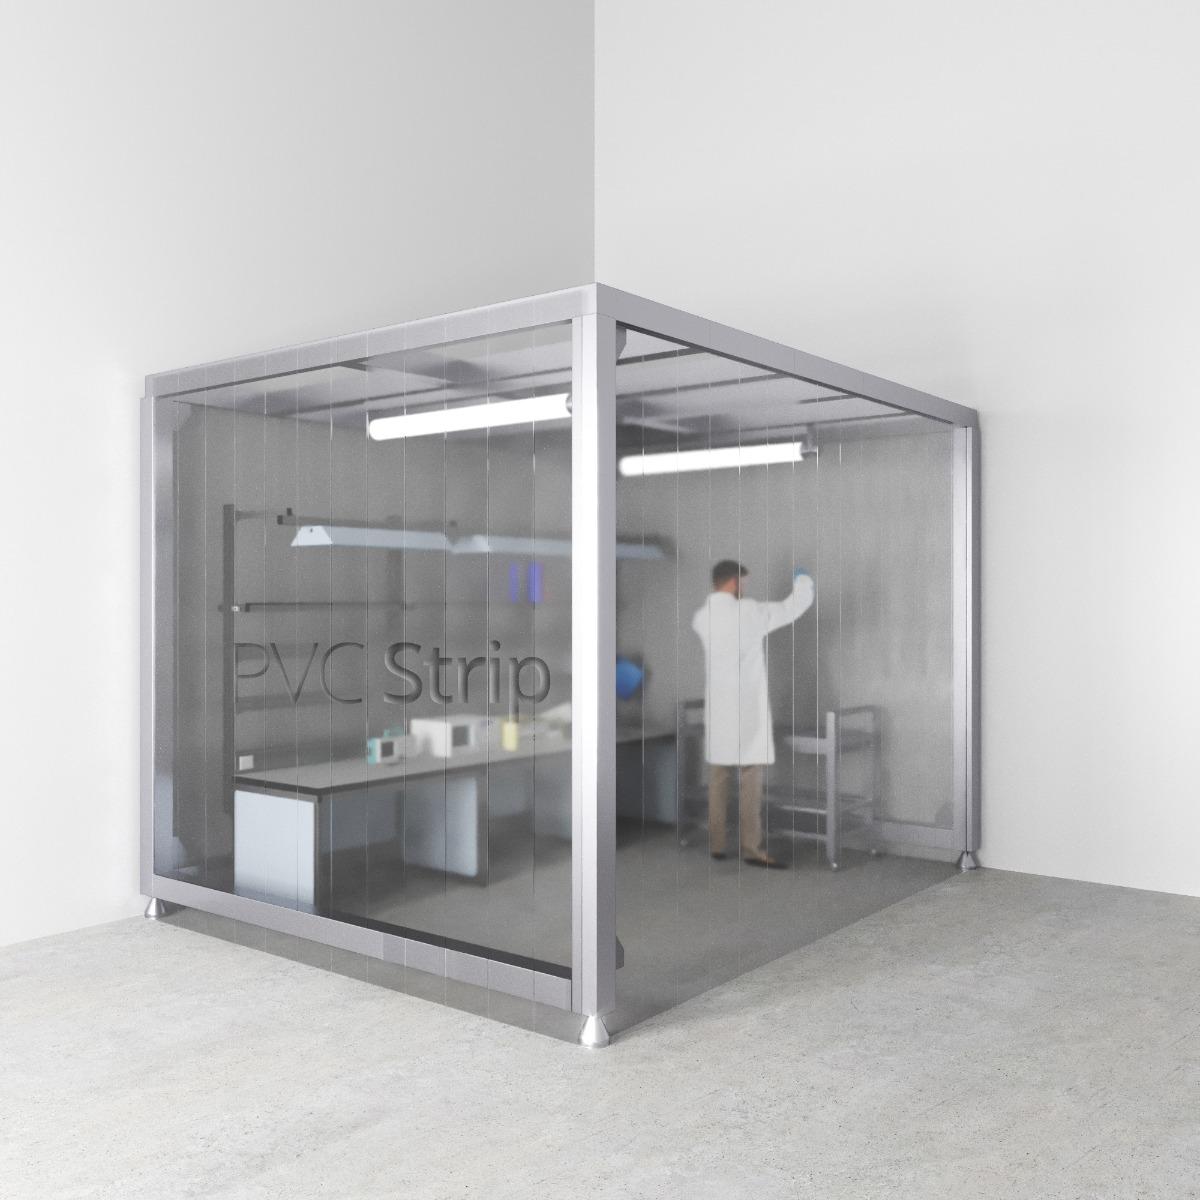 Cleanroom PVC Strip Curtains